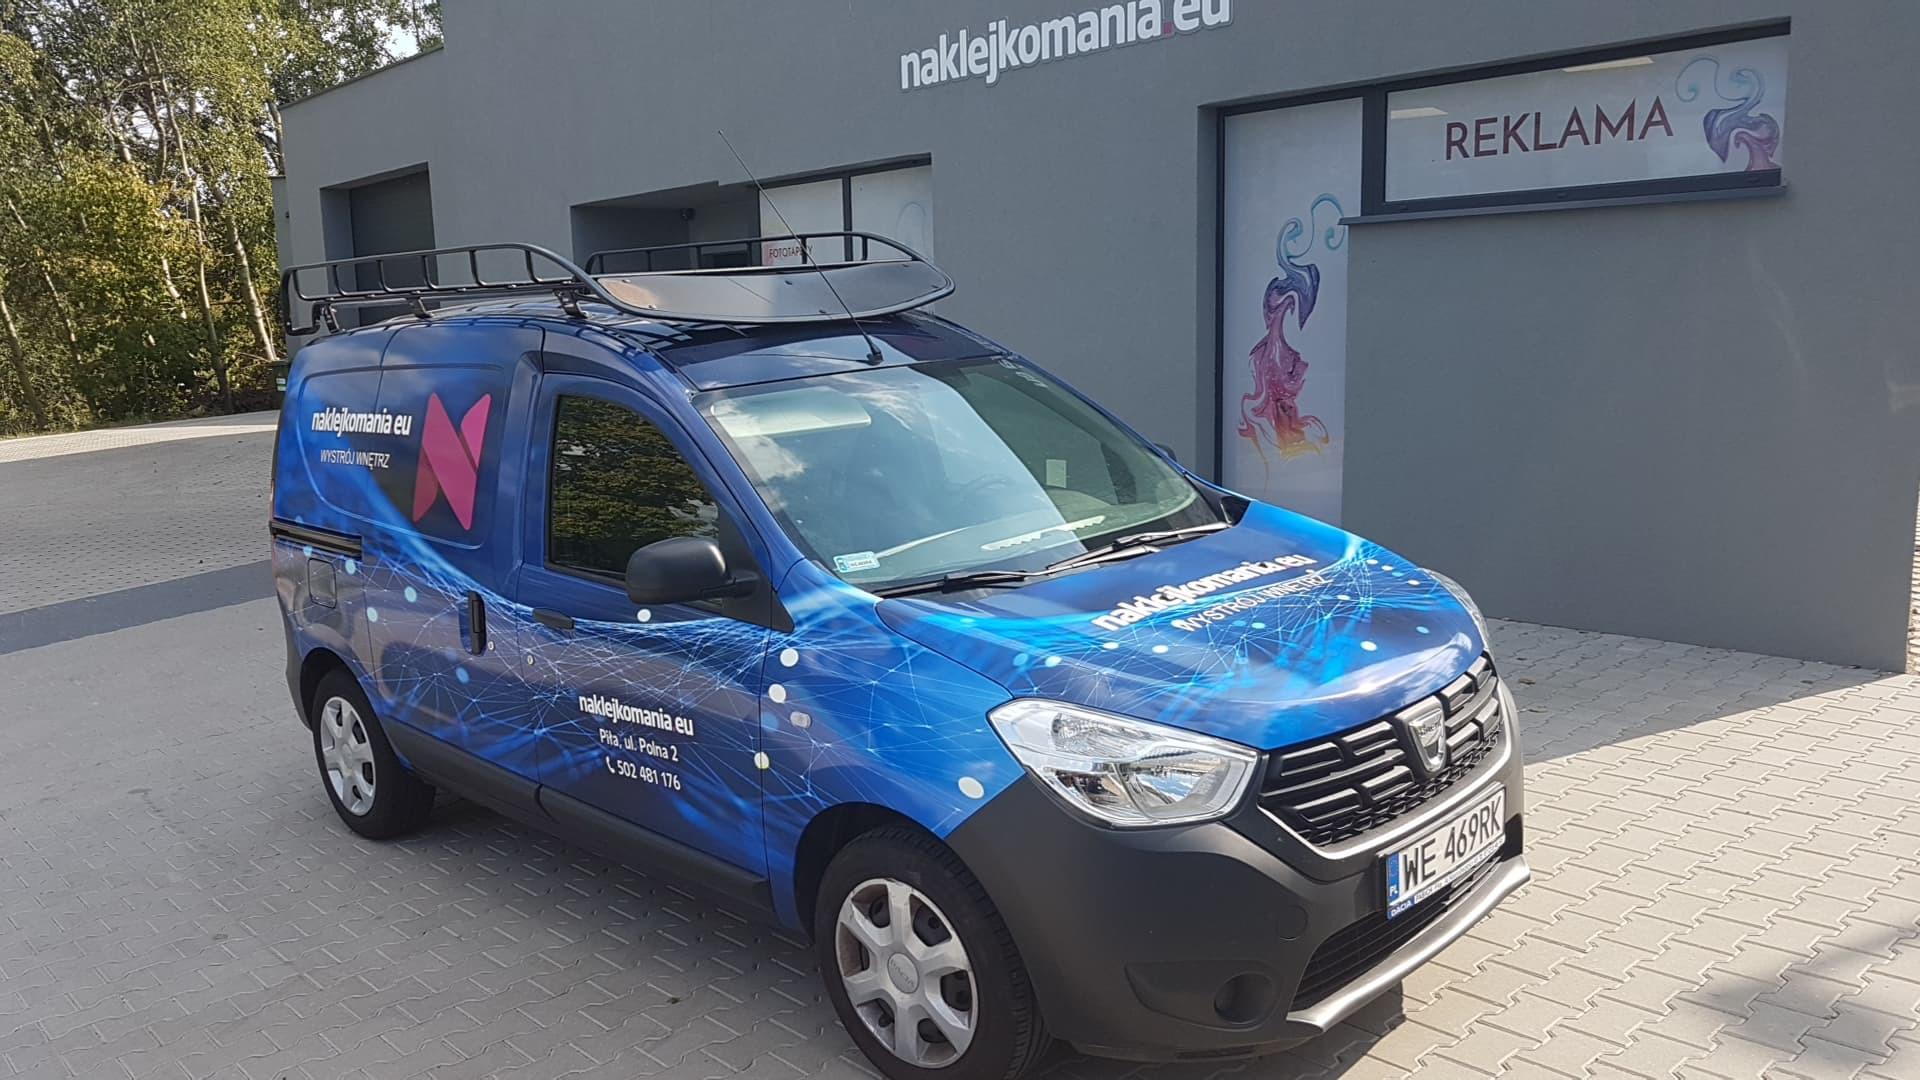 Oklejenie całościowe auta dostawczego firmy Naklejkomania